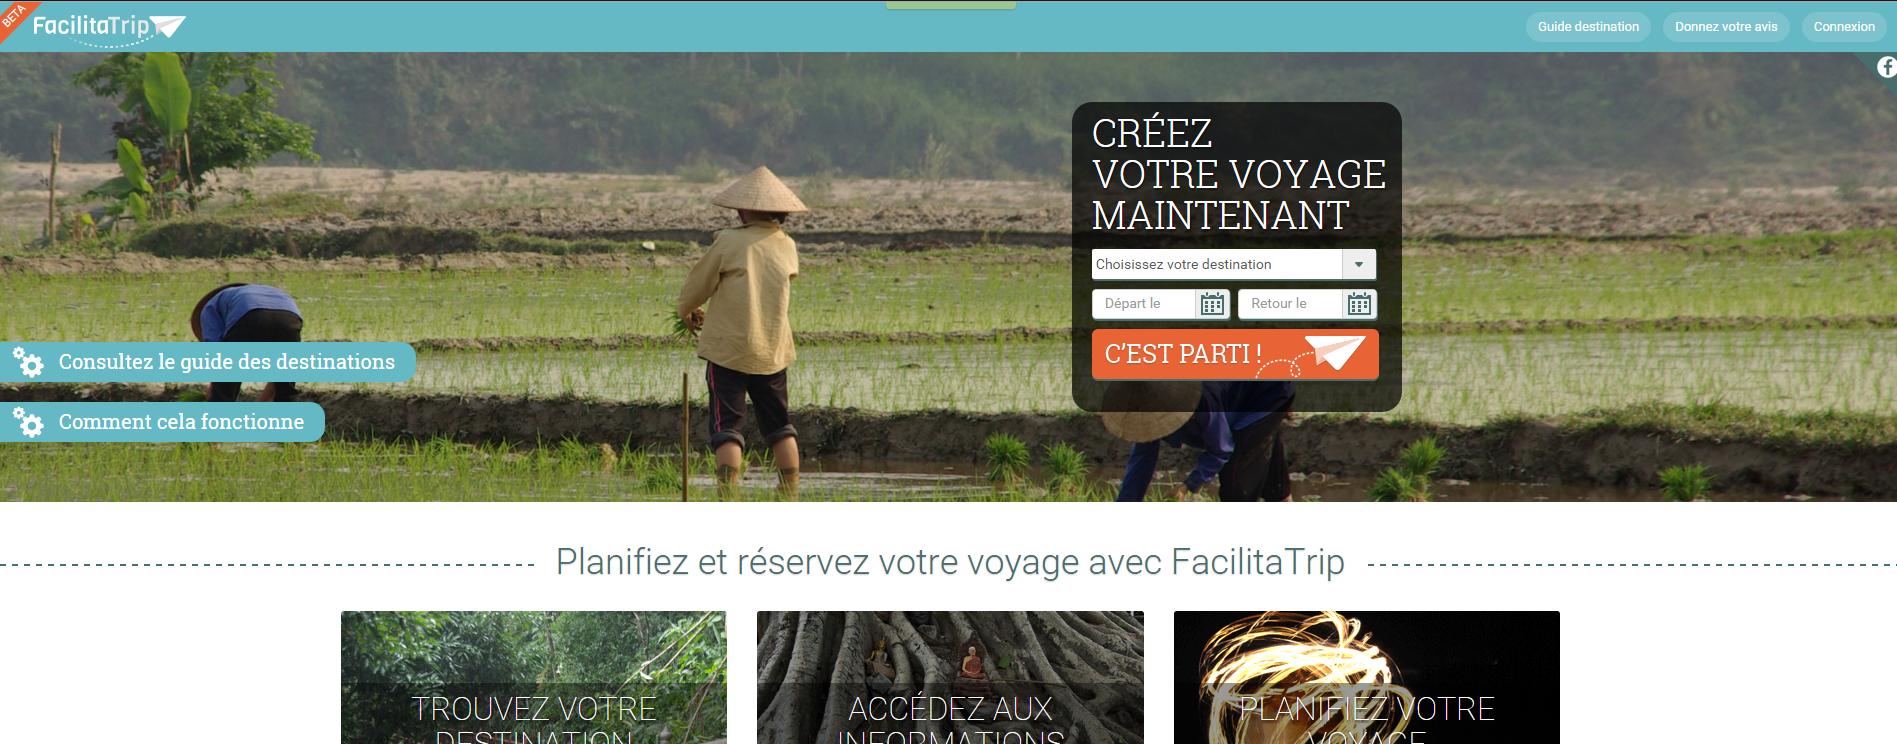 Image de l'accueil du site FacilitaTrip.com